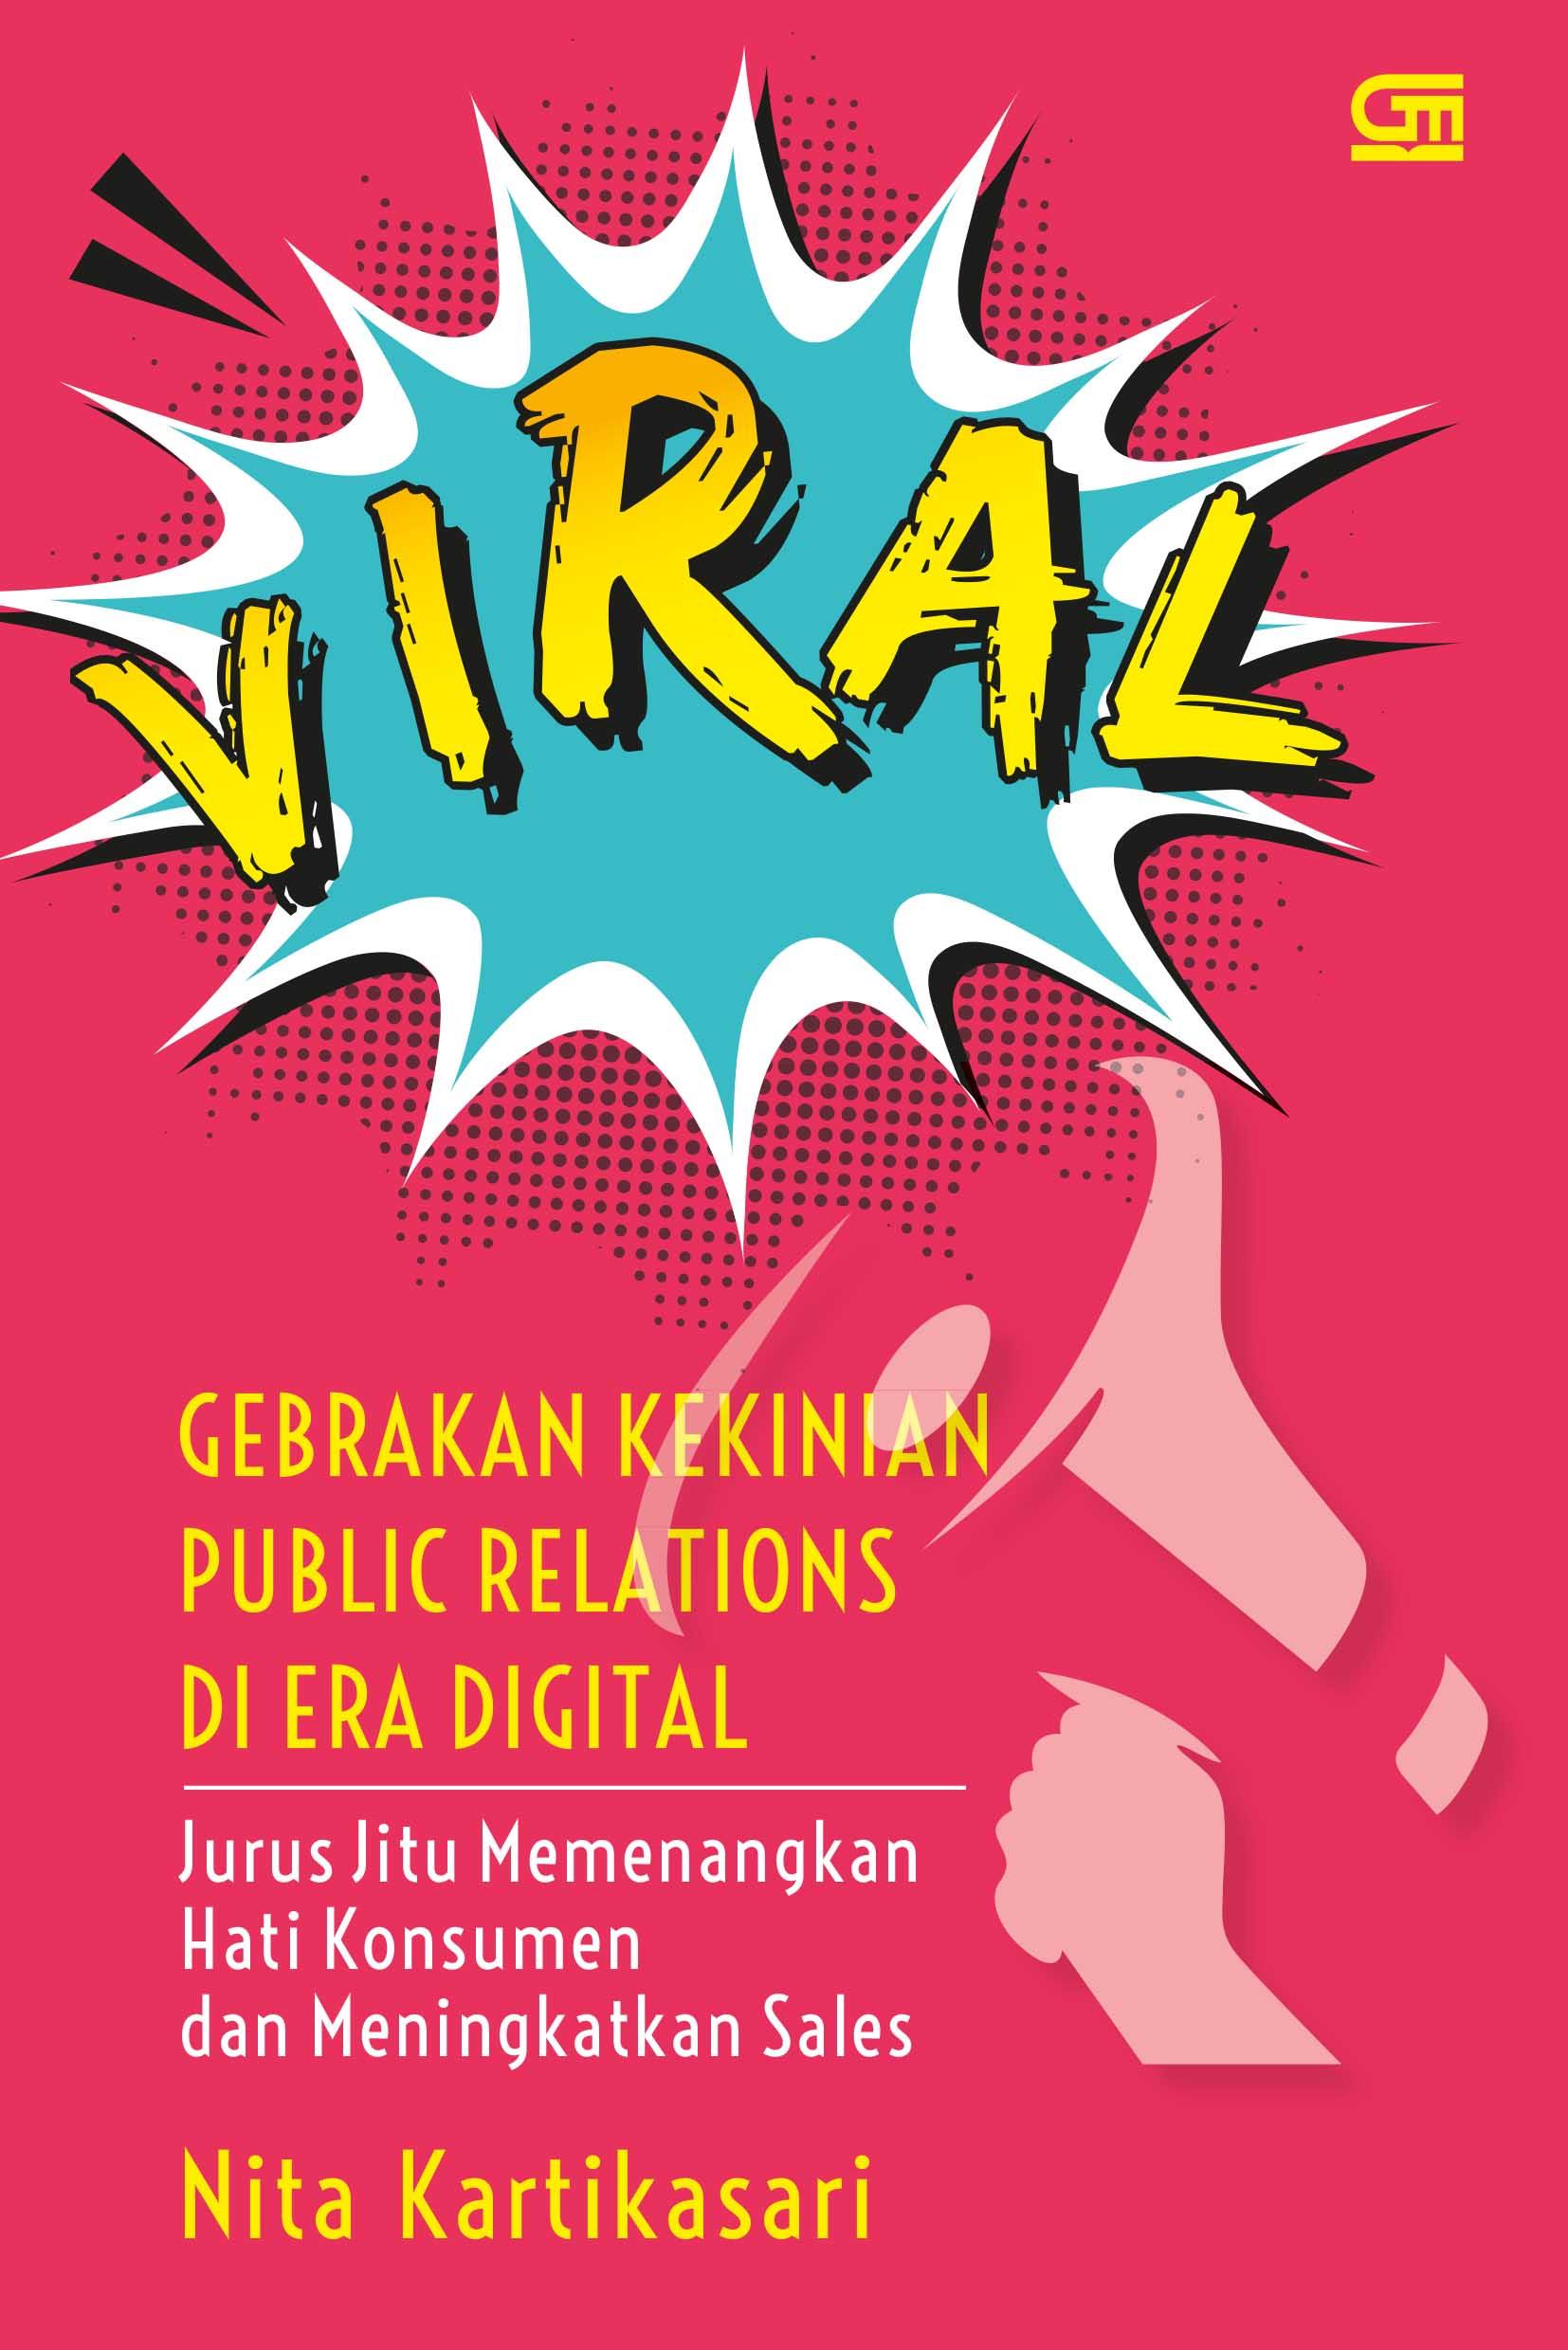 Viral: Gebrakan Kekinian Public Relations di Era Digital